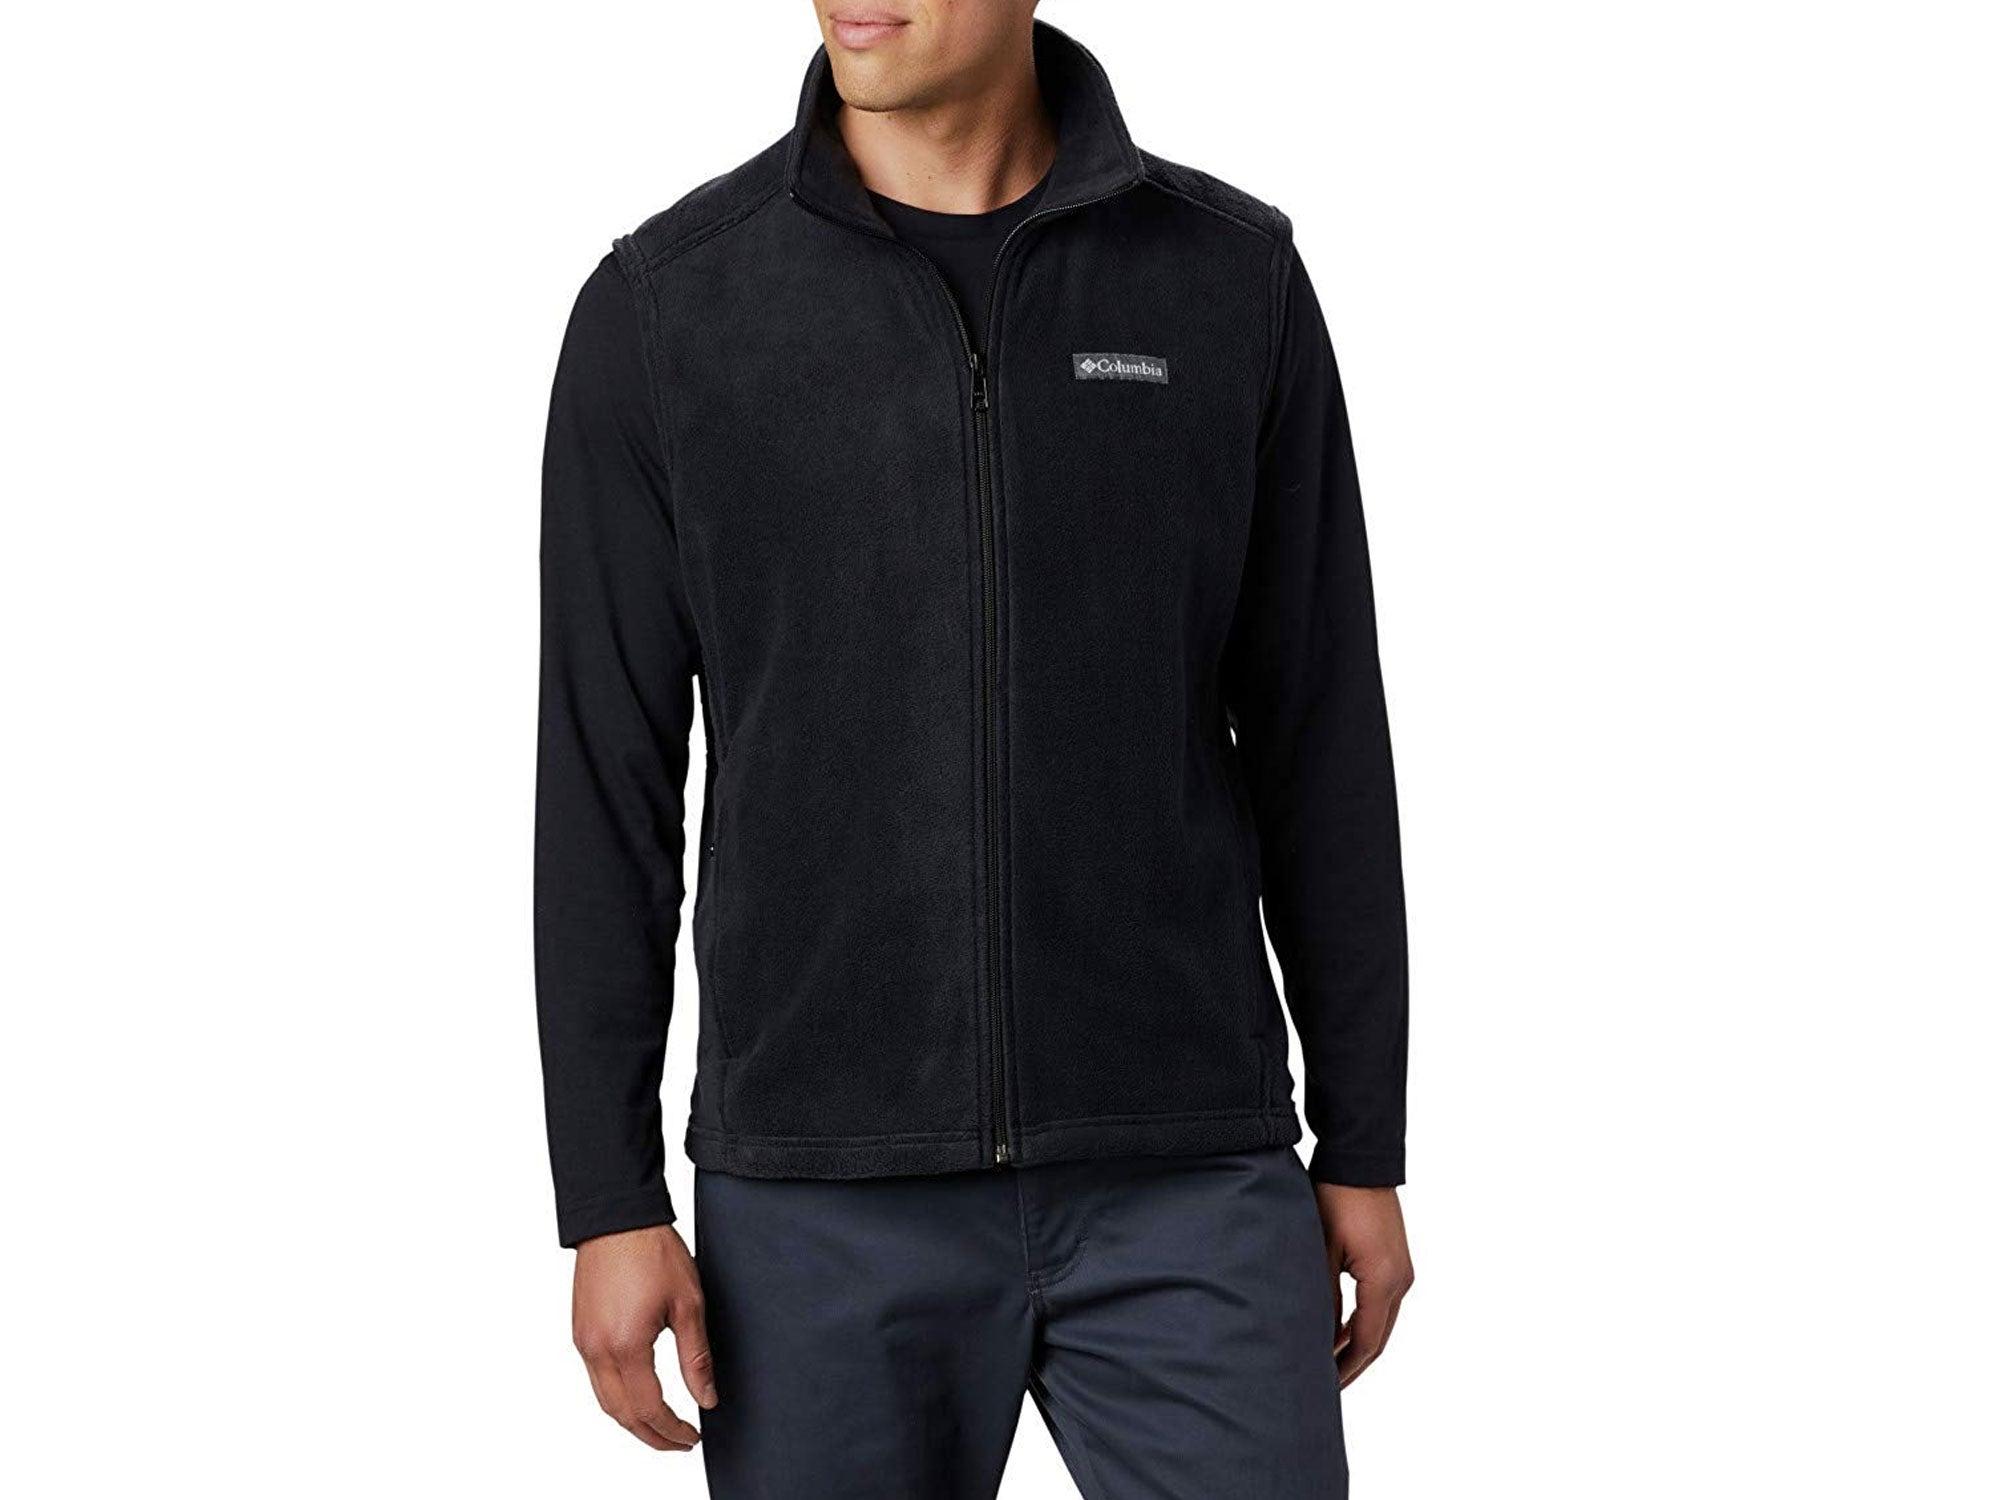 Man wearing Columbia fleece jacket